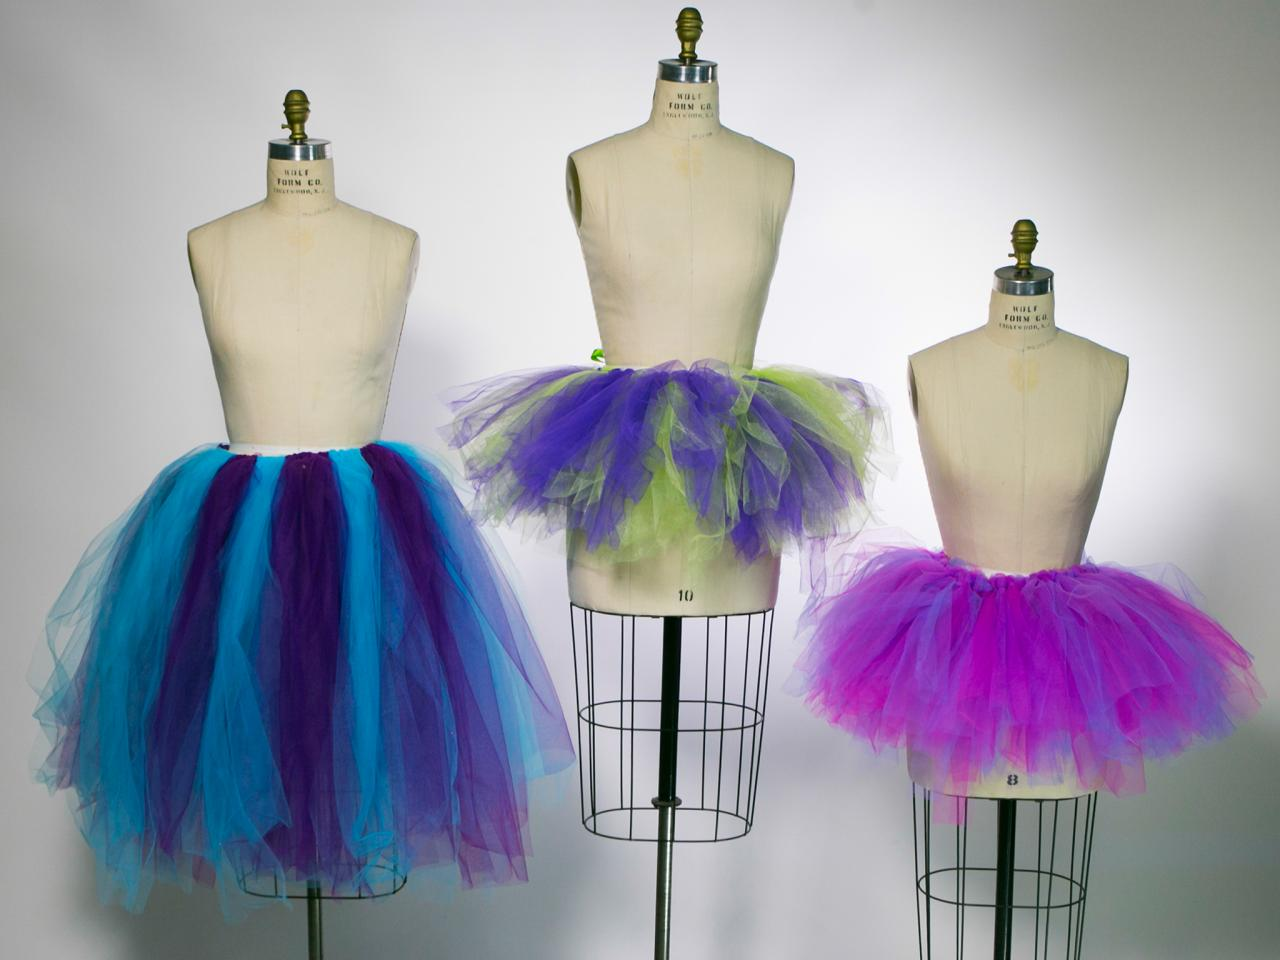 How To Make A No Sew Tutu Skirt